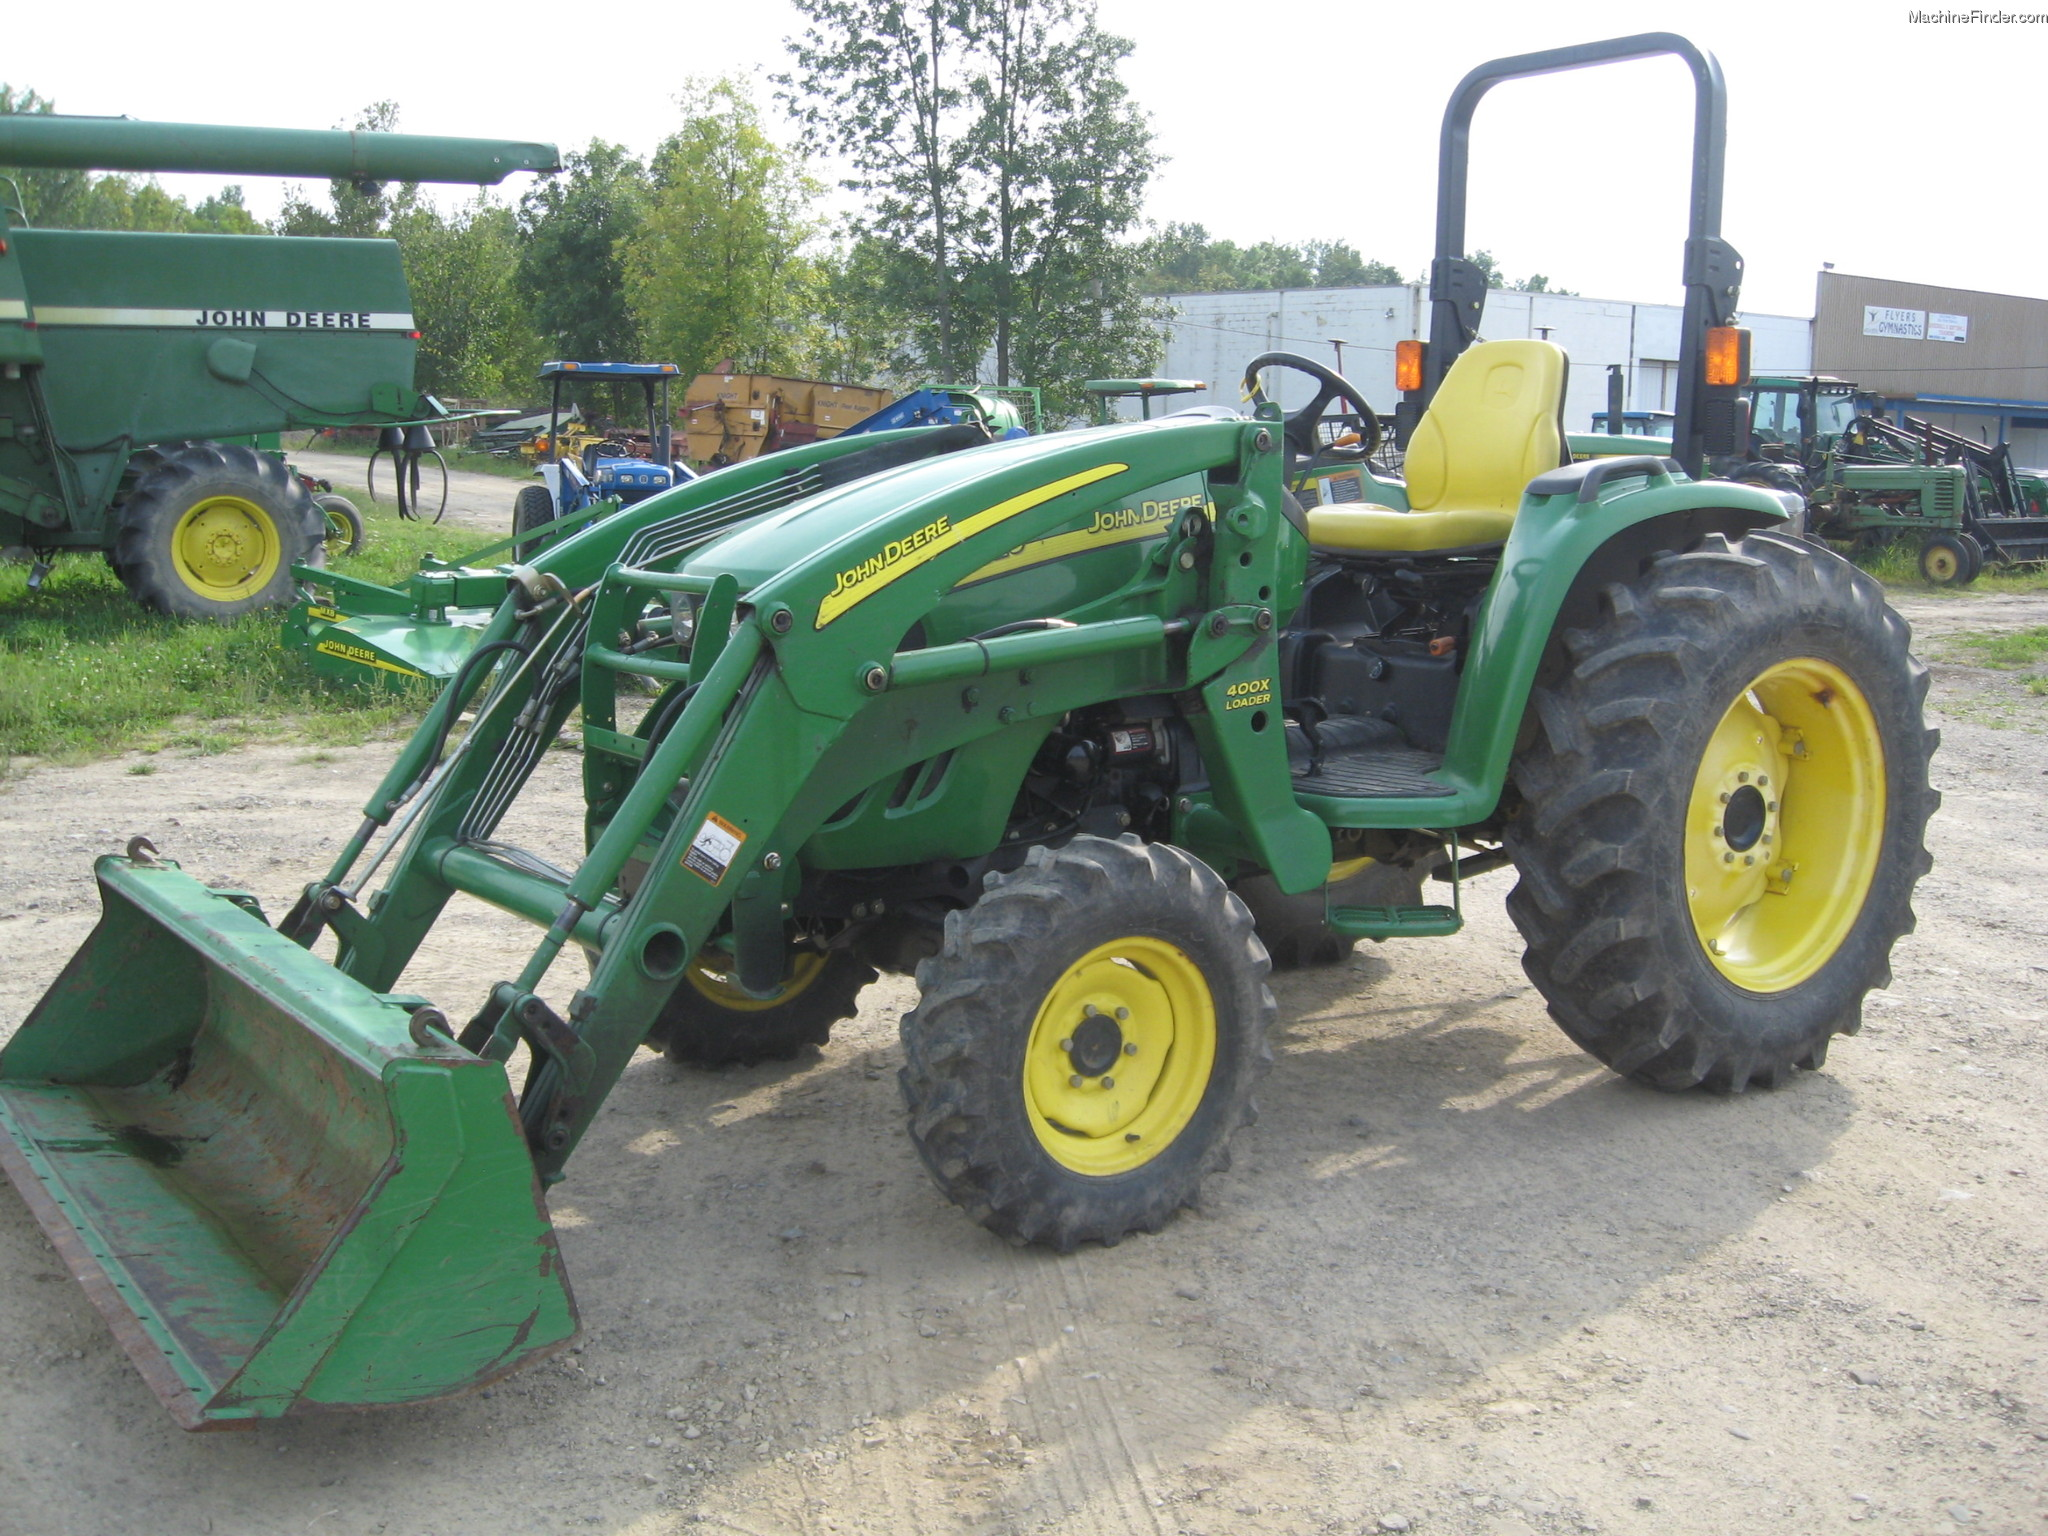 John Deere Tractor Backhoe Parts : John deere tractors utility hp